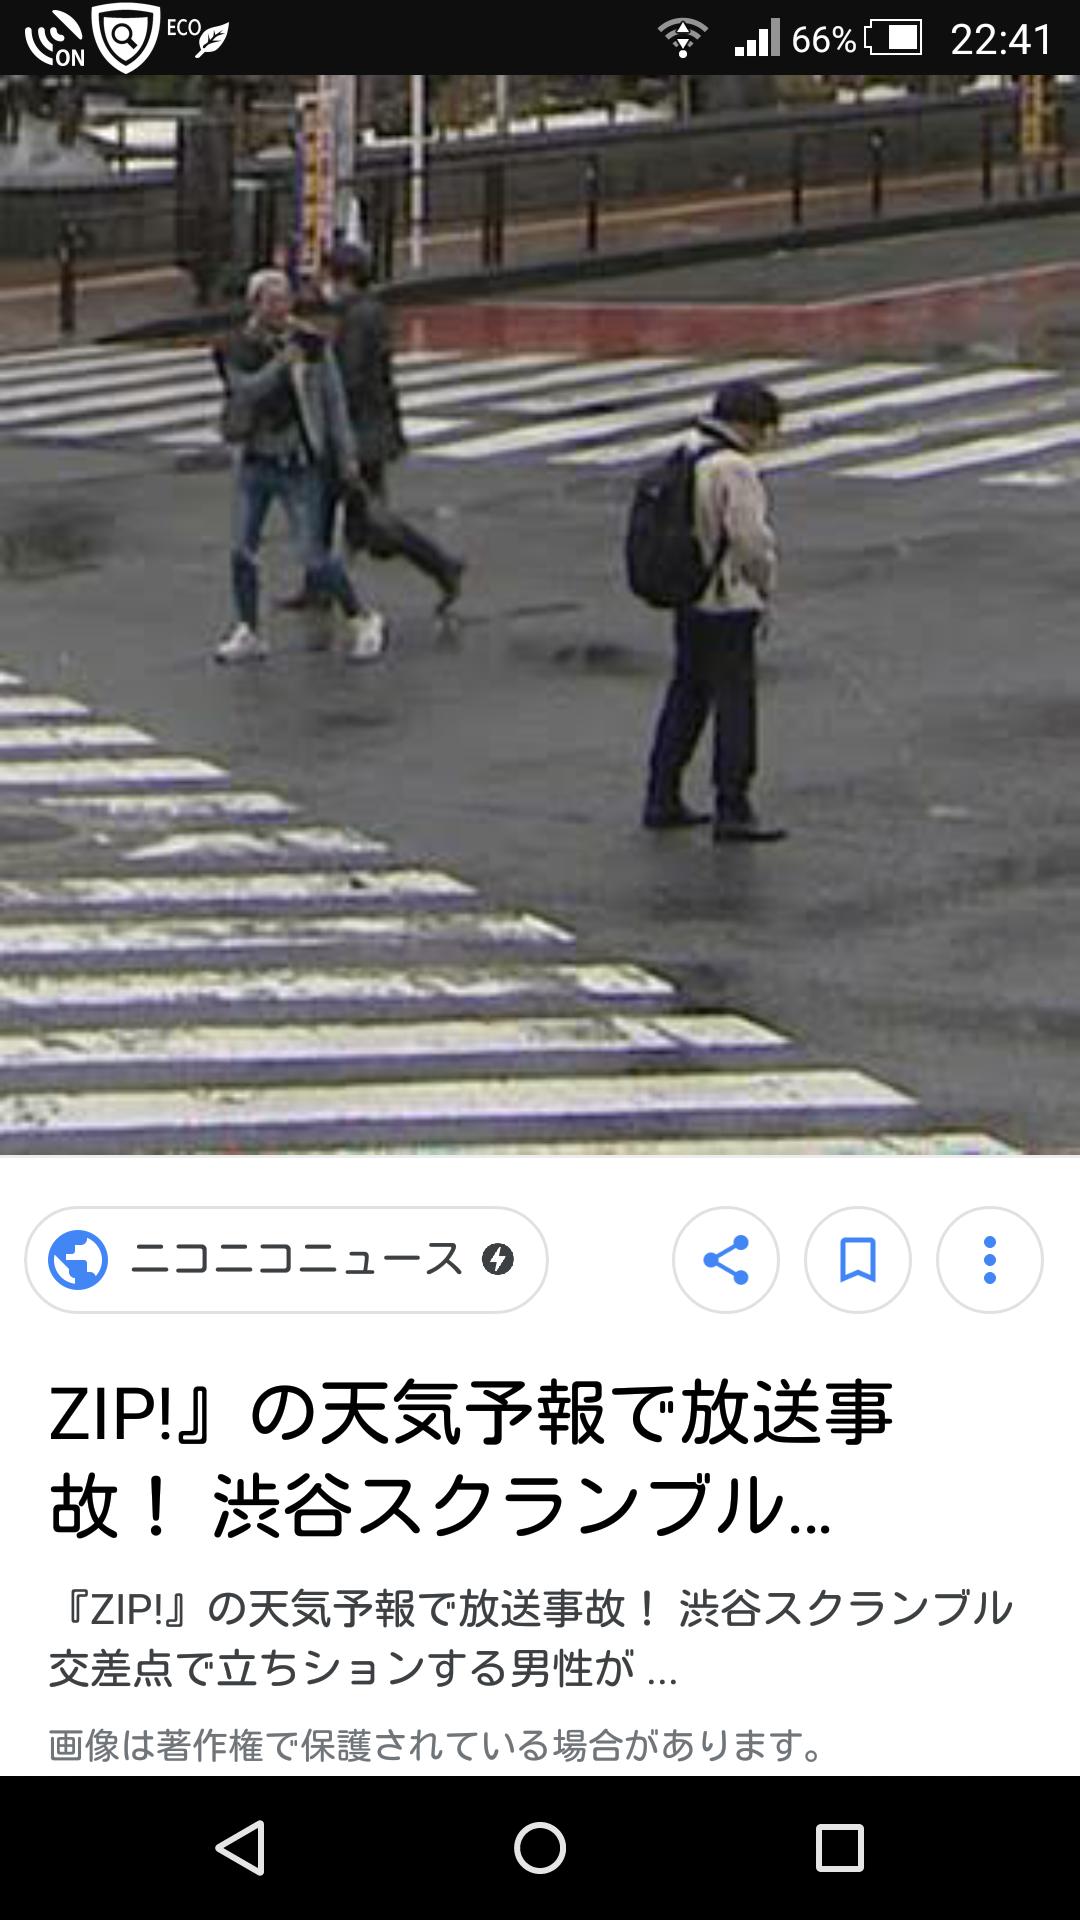 日テレ『ZIP!』に「超わいせつ行為」映る放送事故… 「狙ってやってる」「東京嫌だ」の声